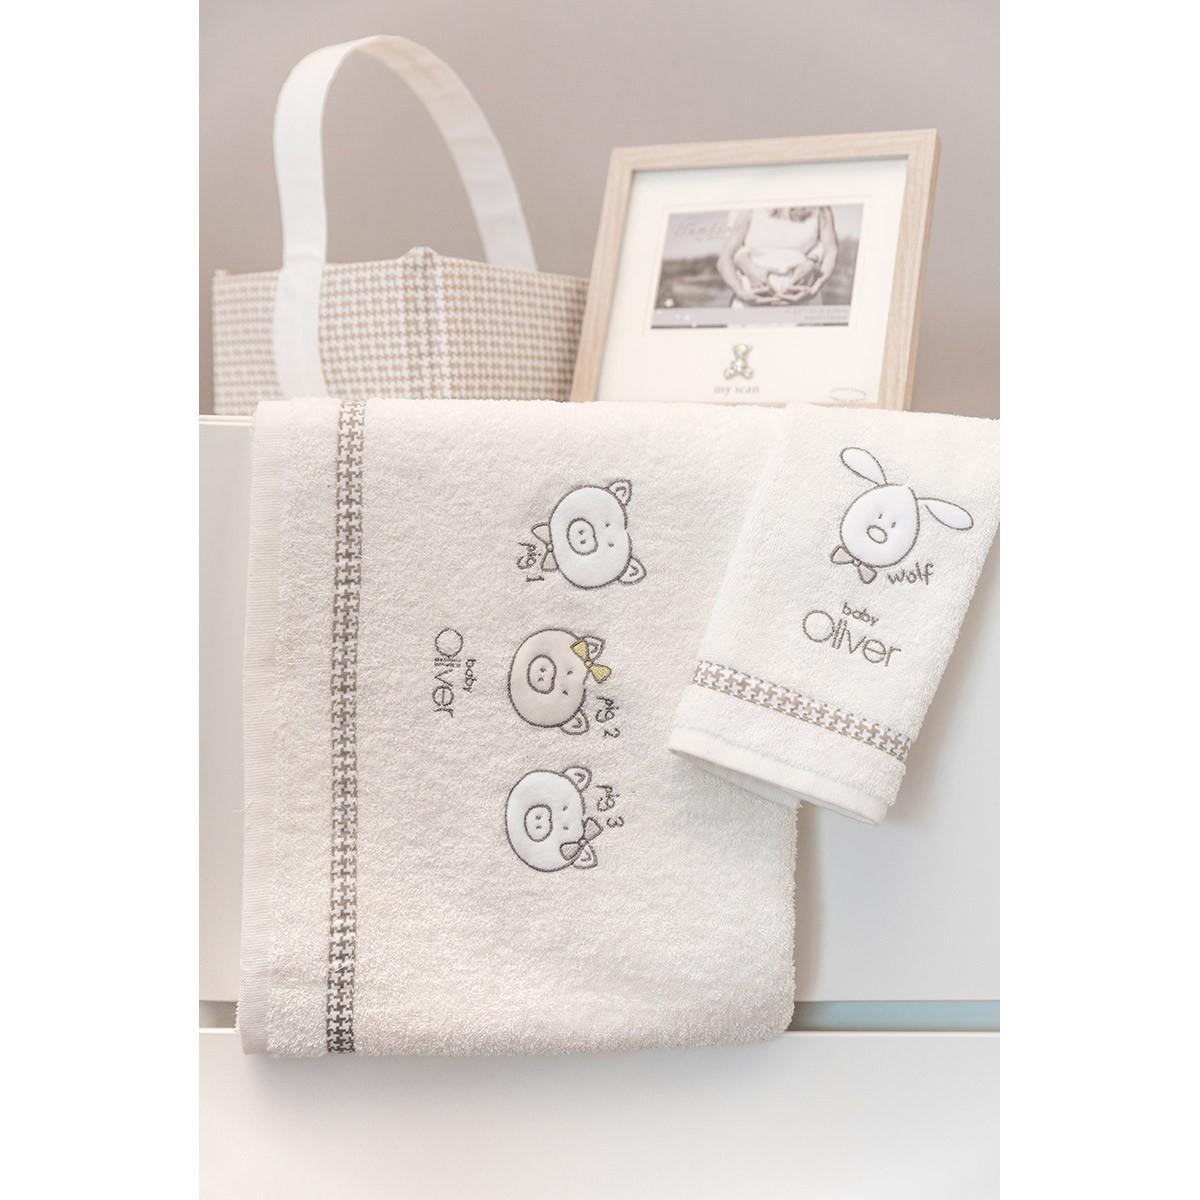 Βρεφικές Πετσέτες (Σετ 2τμχ) Baby Oliver Mr.Wolf & Co 305 home   βρεφικά   πετσέτες βρεφικές